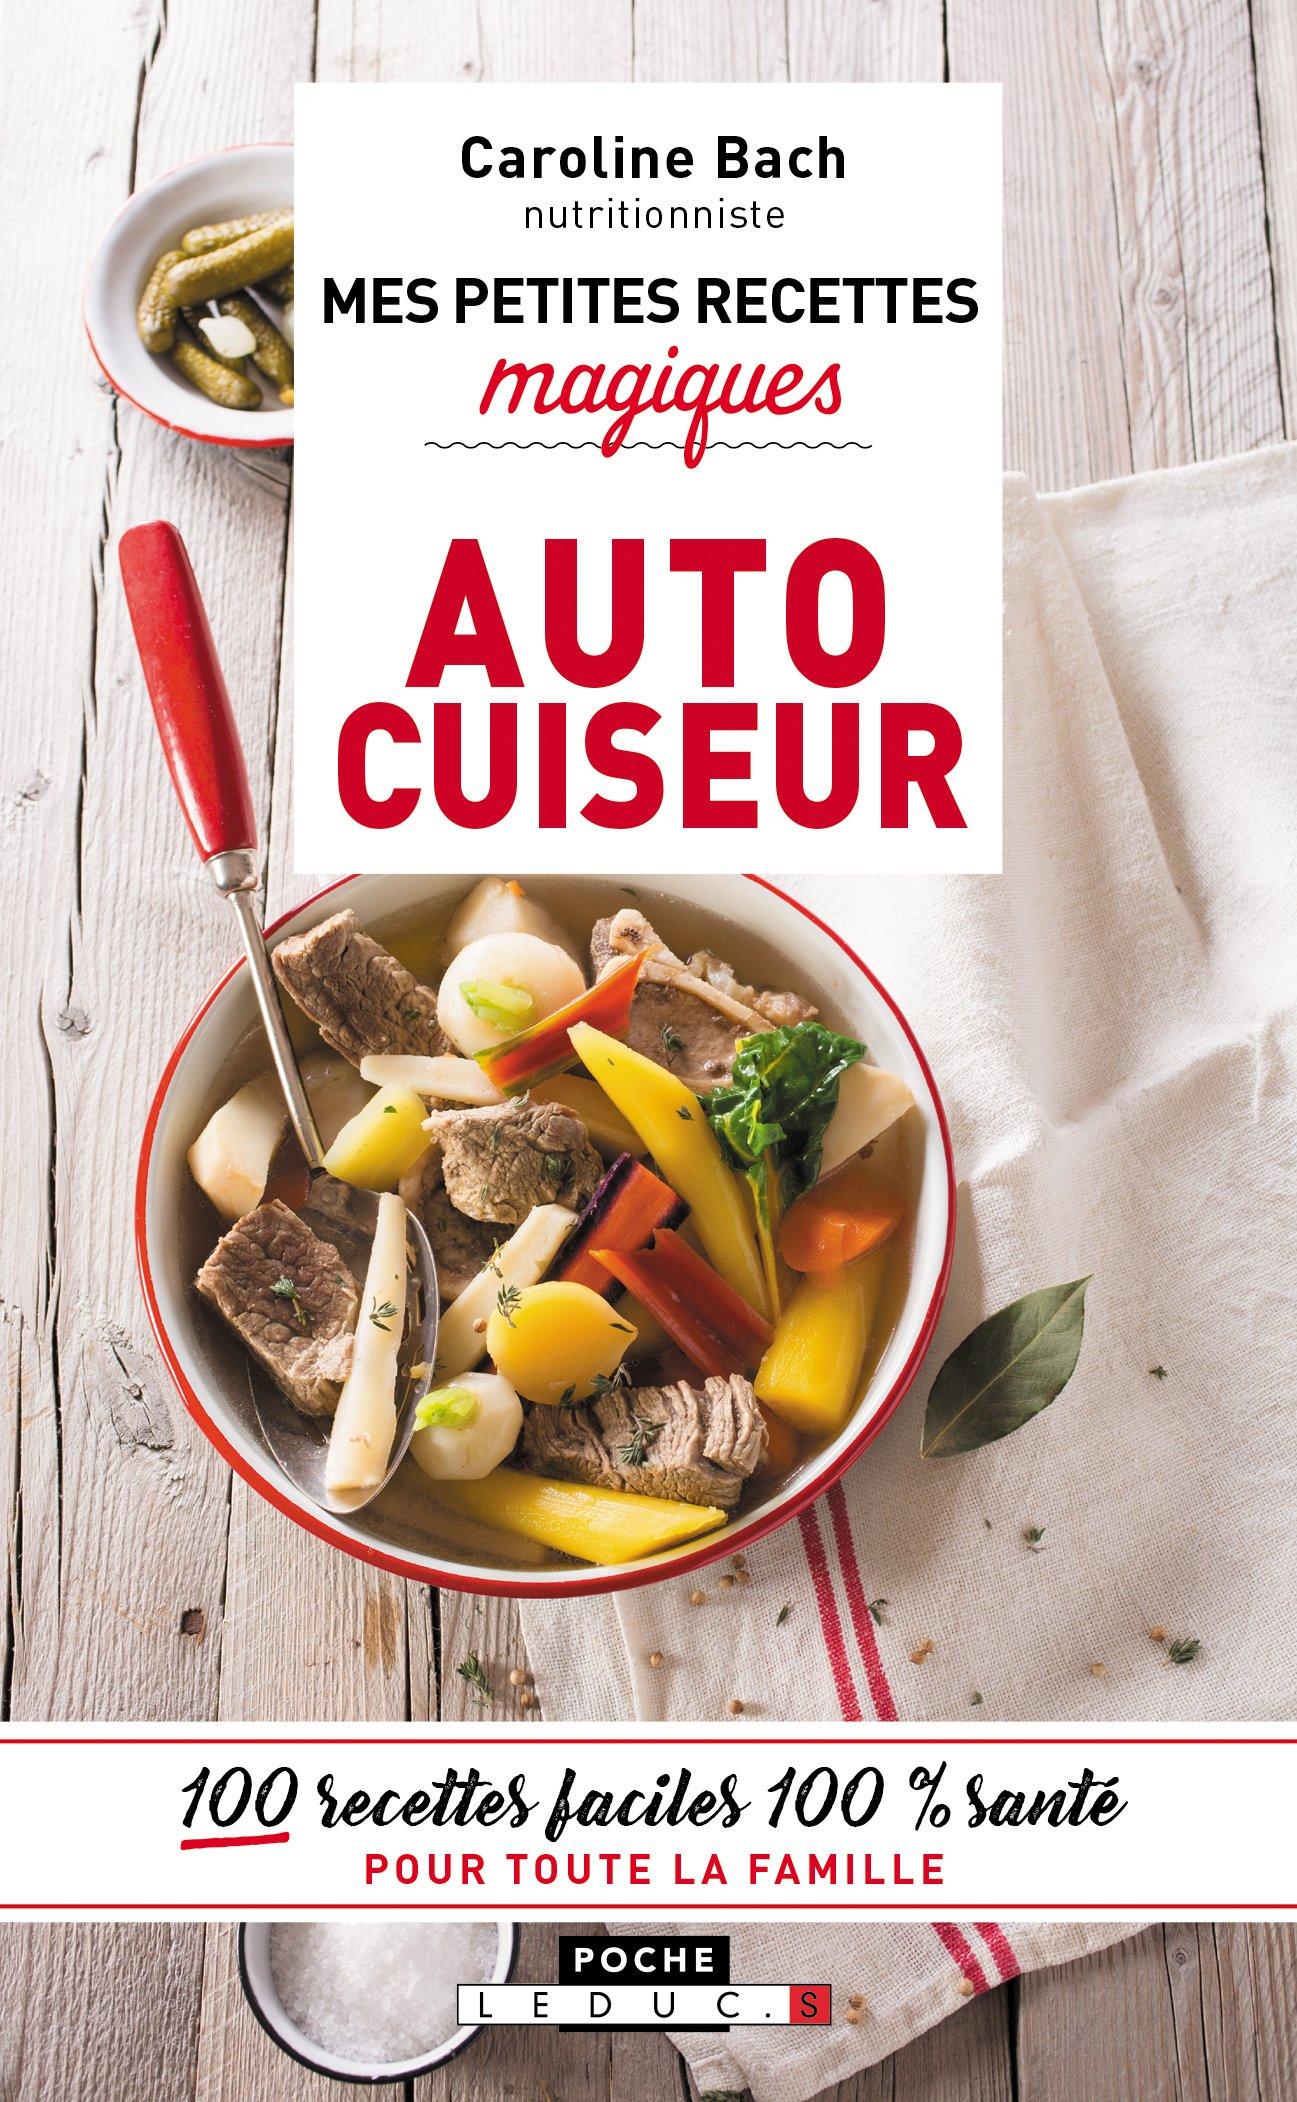 Amazon.fr - Mes petites recettes magiques a l'autocuiseur : 100 recettes  faciles 100% santé pour toute la famille - Caroline Bach - Livres